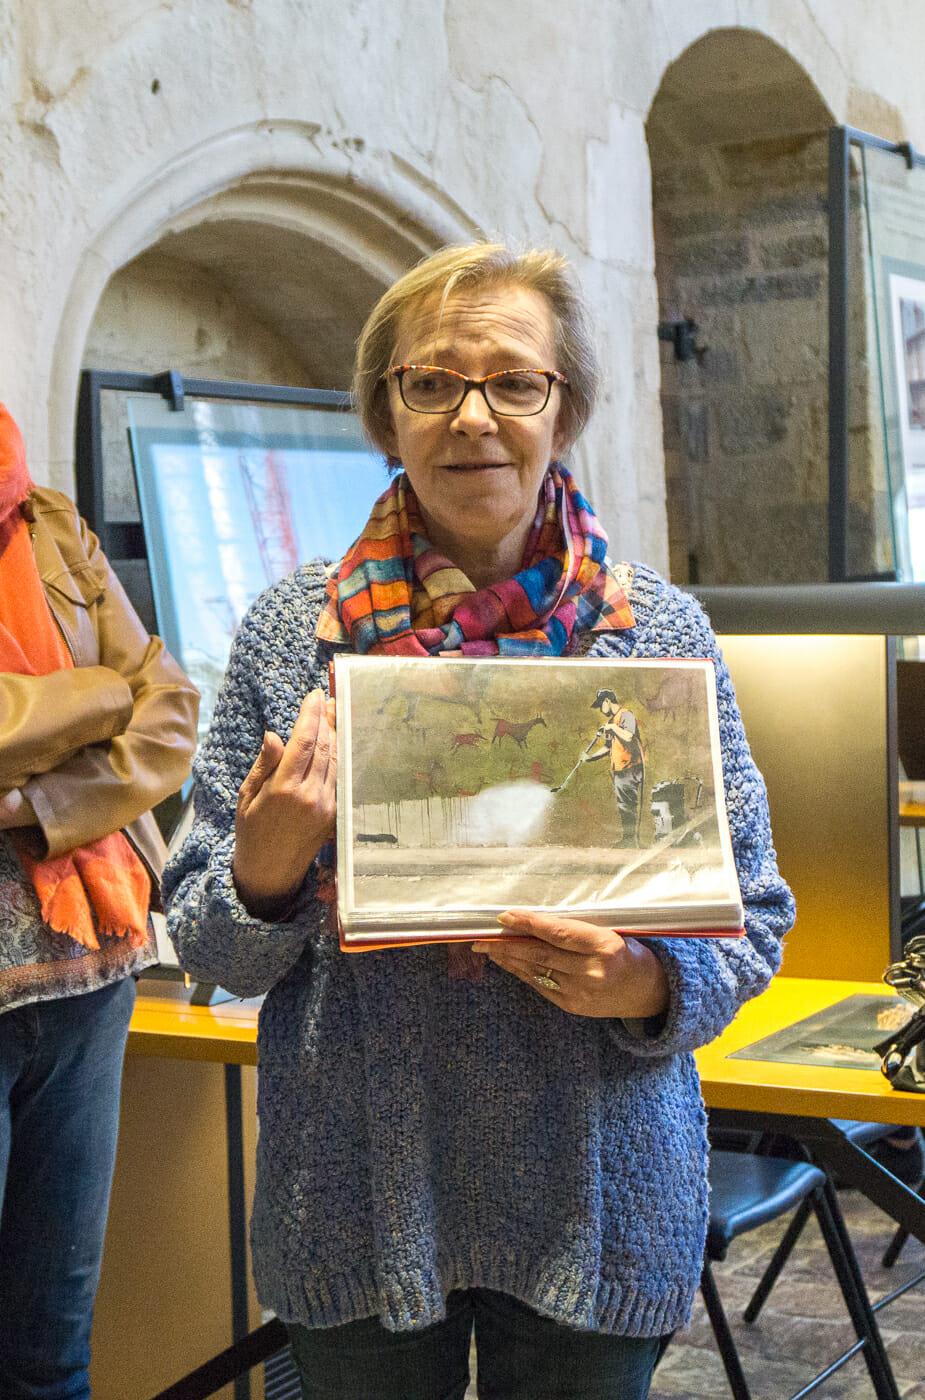 Bérénice, guide de street art de l'Office de tourisme de Rennes